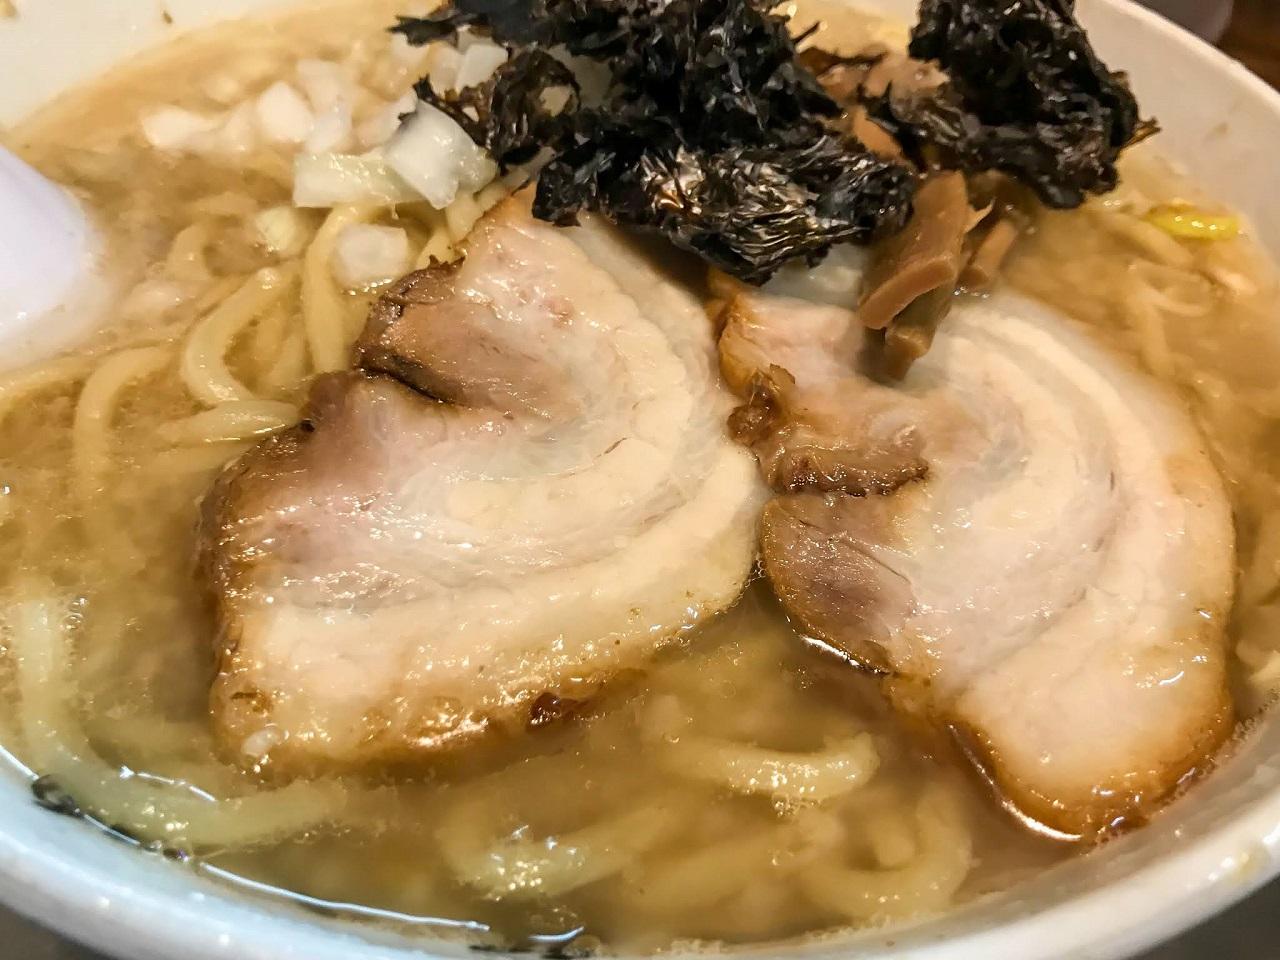 อาหารพื้นบ้าน อาหารท้องถิ่น จ.นีงาตะ - ราเมนมันหมูสึบาเมะซันโจ (Tsubame Sanjo Seabura Ramen) เมืองสึบาเมะ (Tsubame)